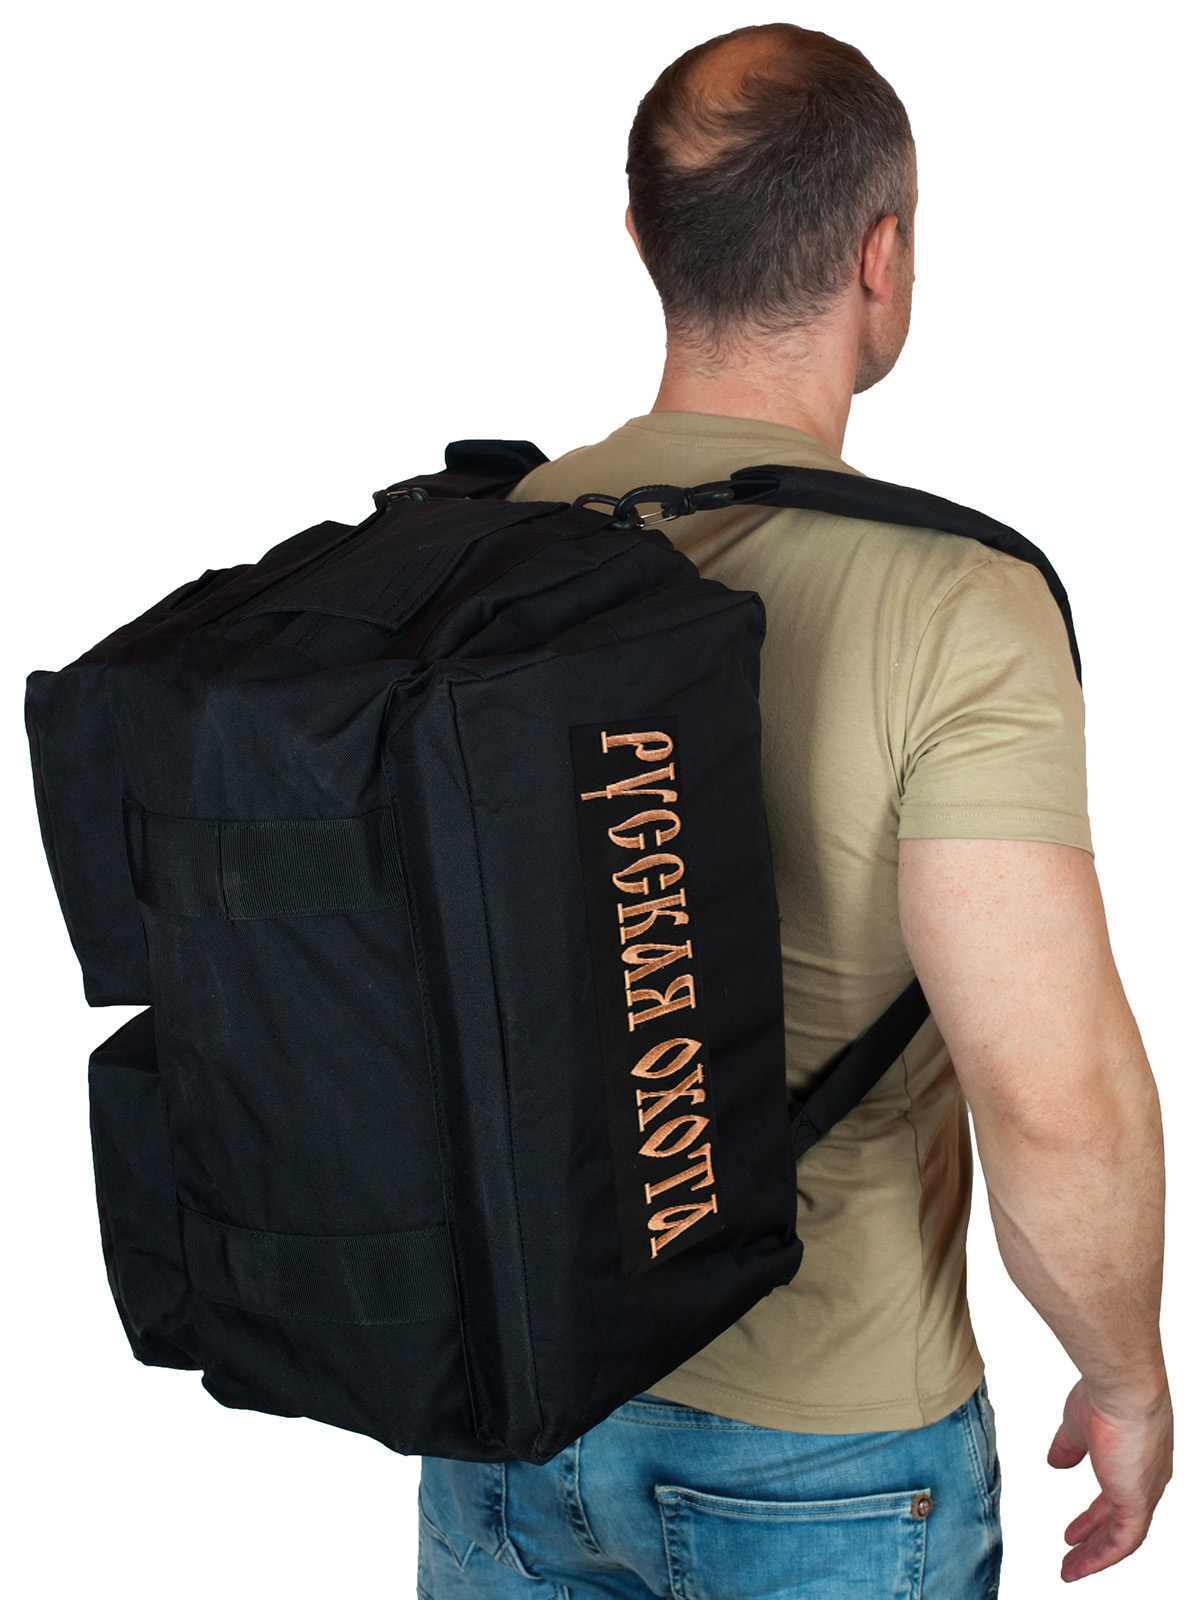 Купить дорожную черную сумку-рюкзак с нашивкой Русская Охота по экономичной цене